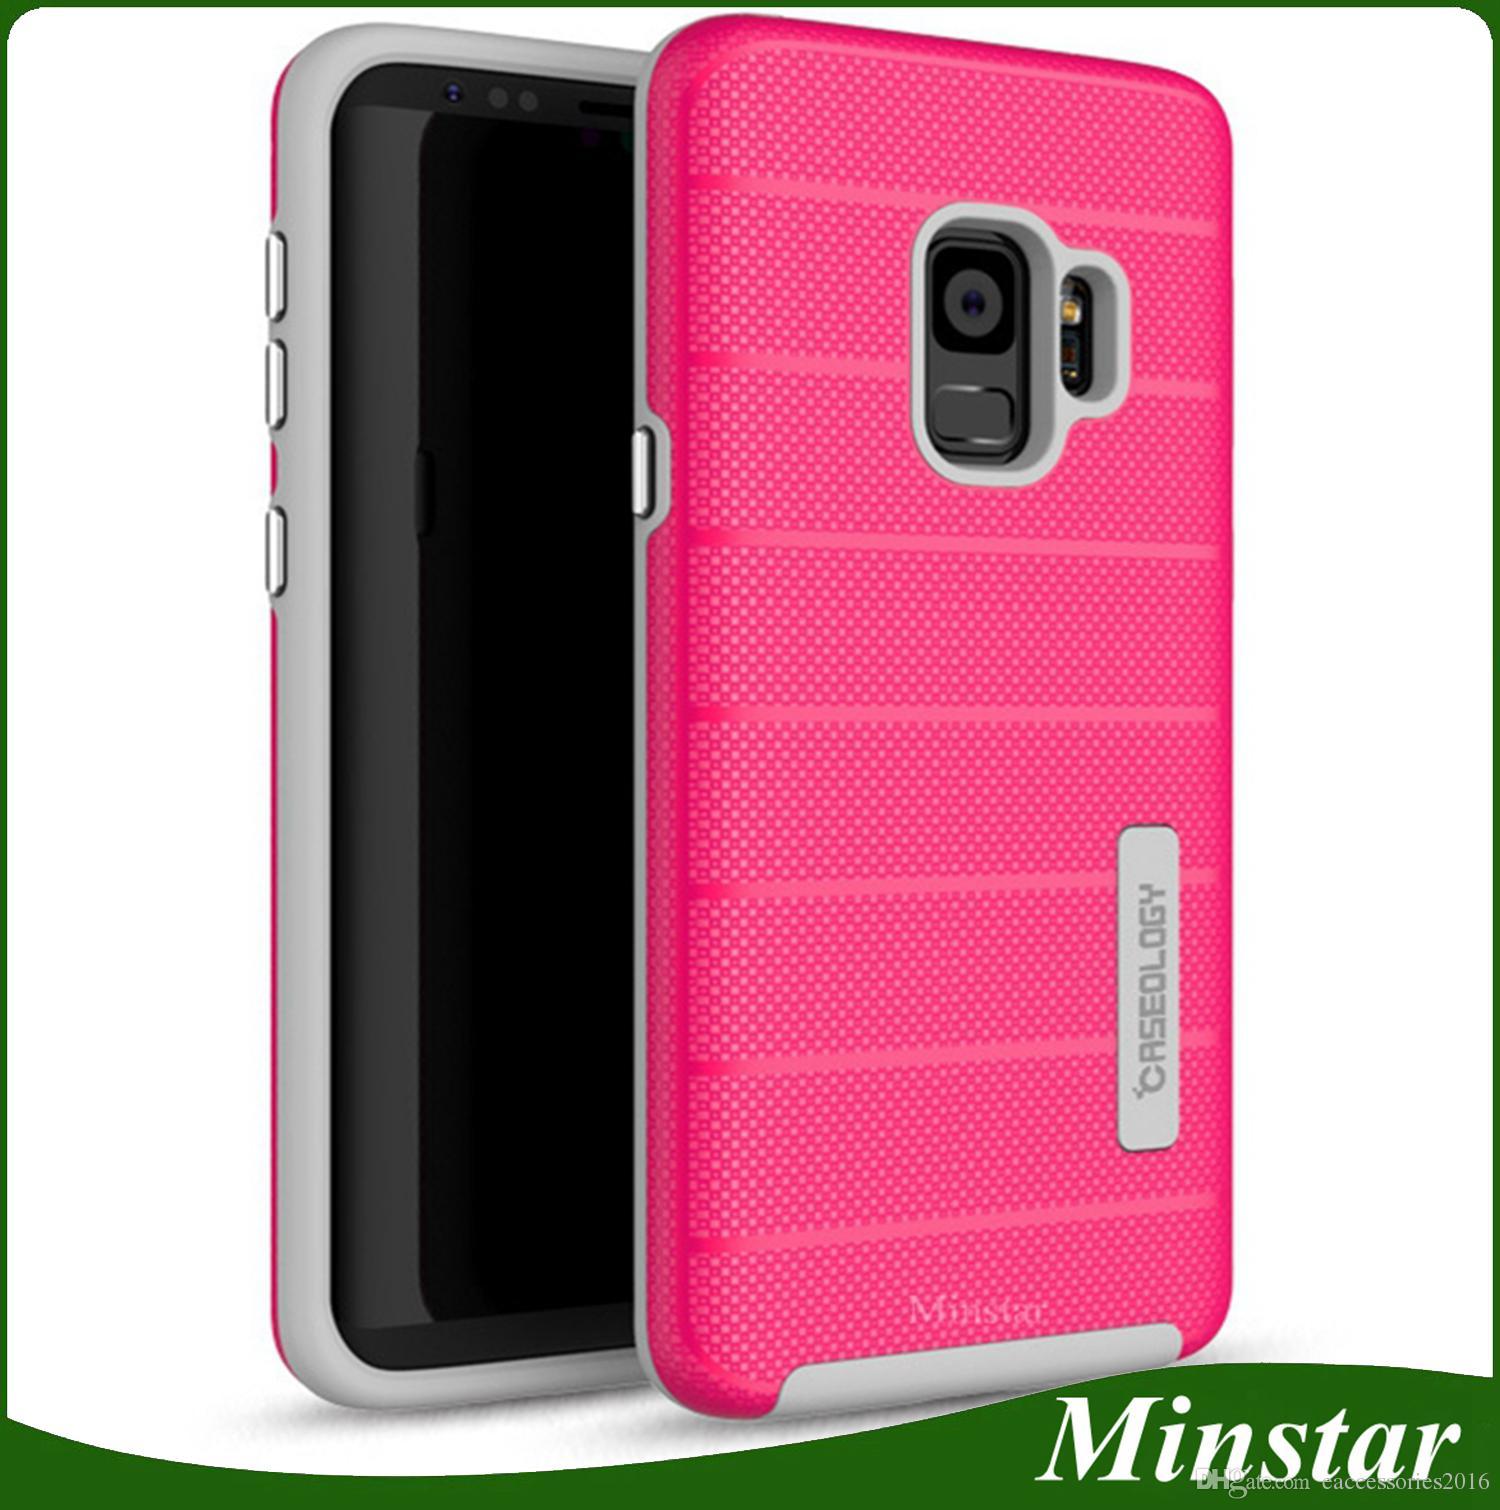 18248fd13c0 Carcasas Moviles Personalizadas Para Samsung Galaxy A8 Plus J2 Pro 2018 J7  Plus J7 Pro J730 J530 J5 Pro 2017 Europa Buena Calidad Nueva Moda Barato  Caso De ...